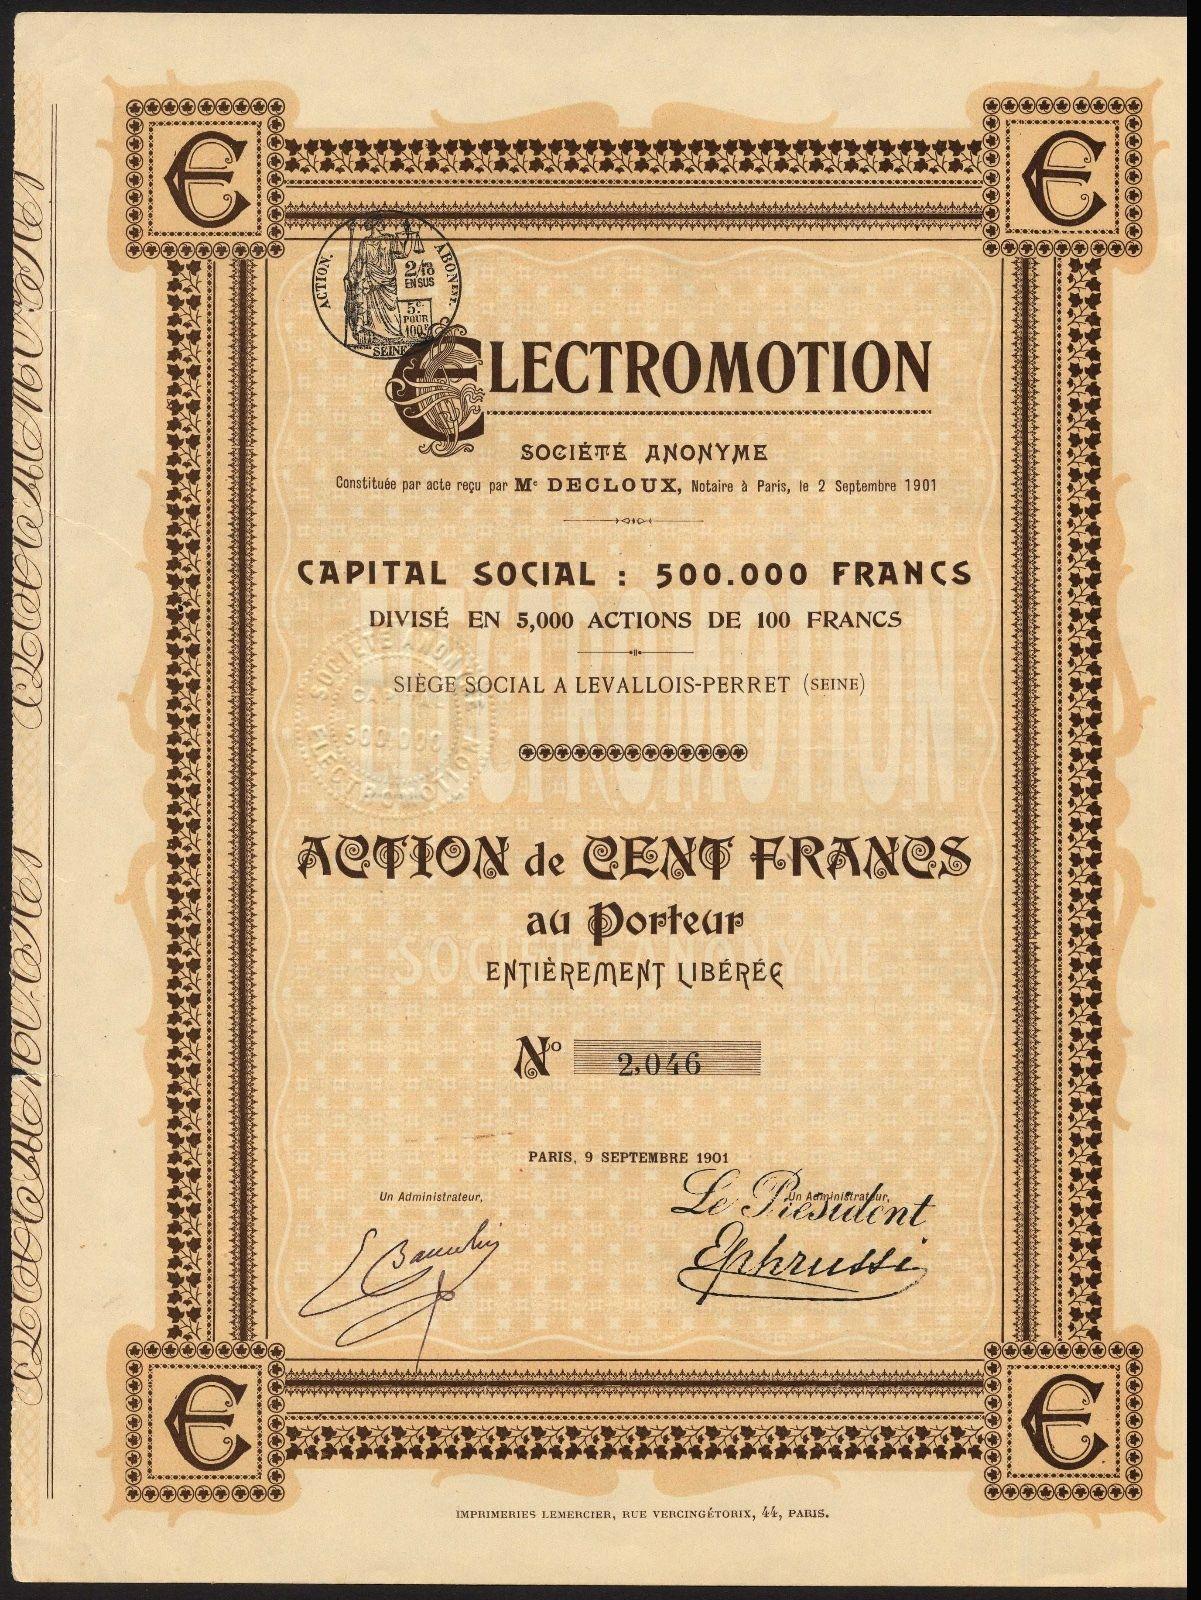 france electromotion s a 100 franc share paris 1901 ebay. Black Bedroom Furniture Sets. Home Design Ideas